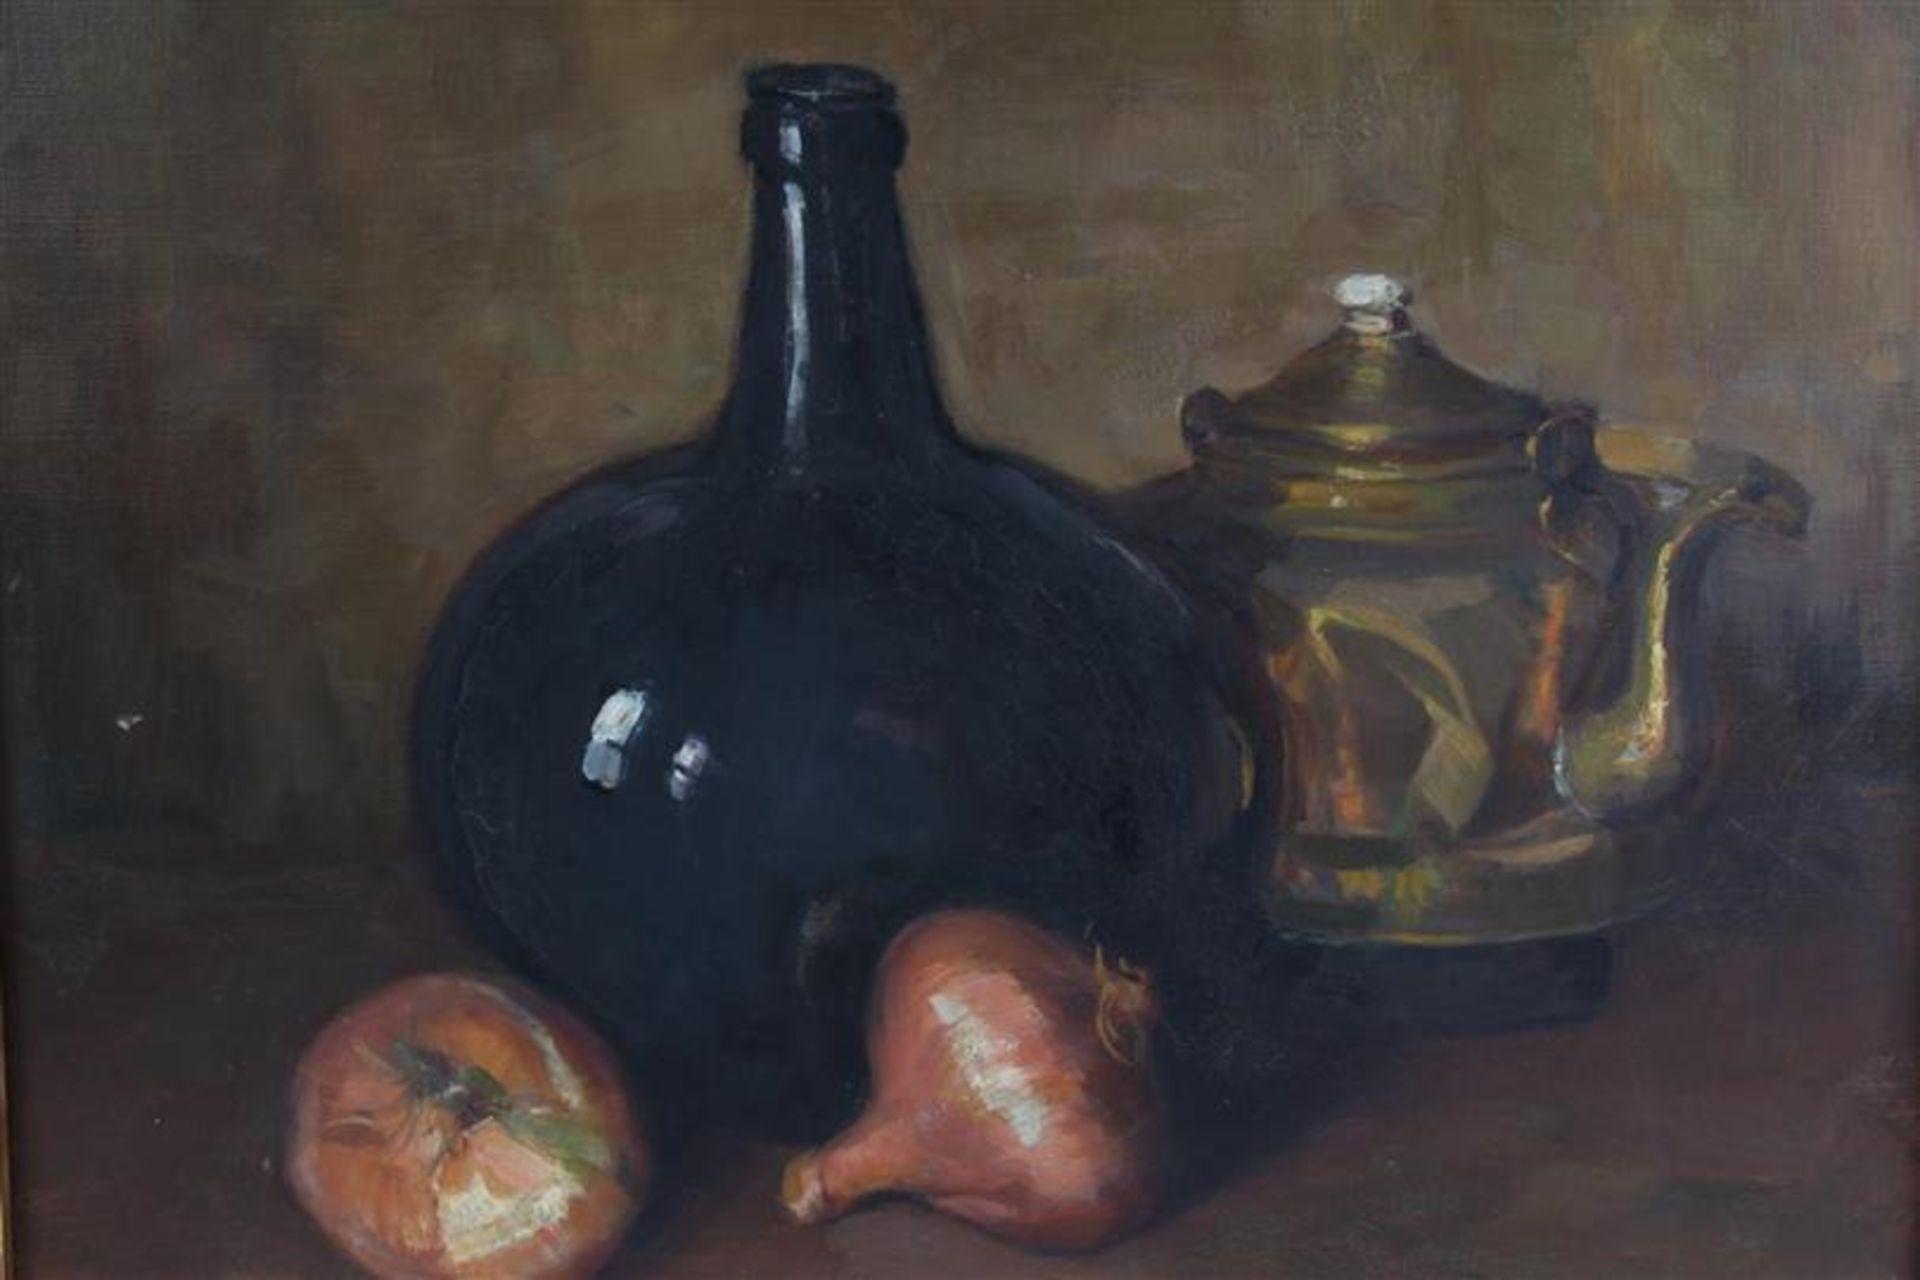 Schilderij op doek 'Keukenstilleven' HxB: 39 x 49 cm. - Bild 2 aus 3